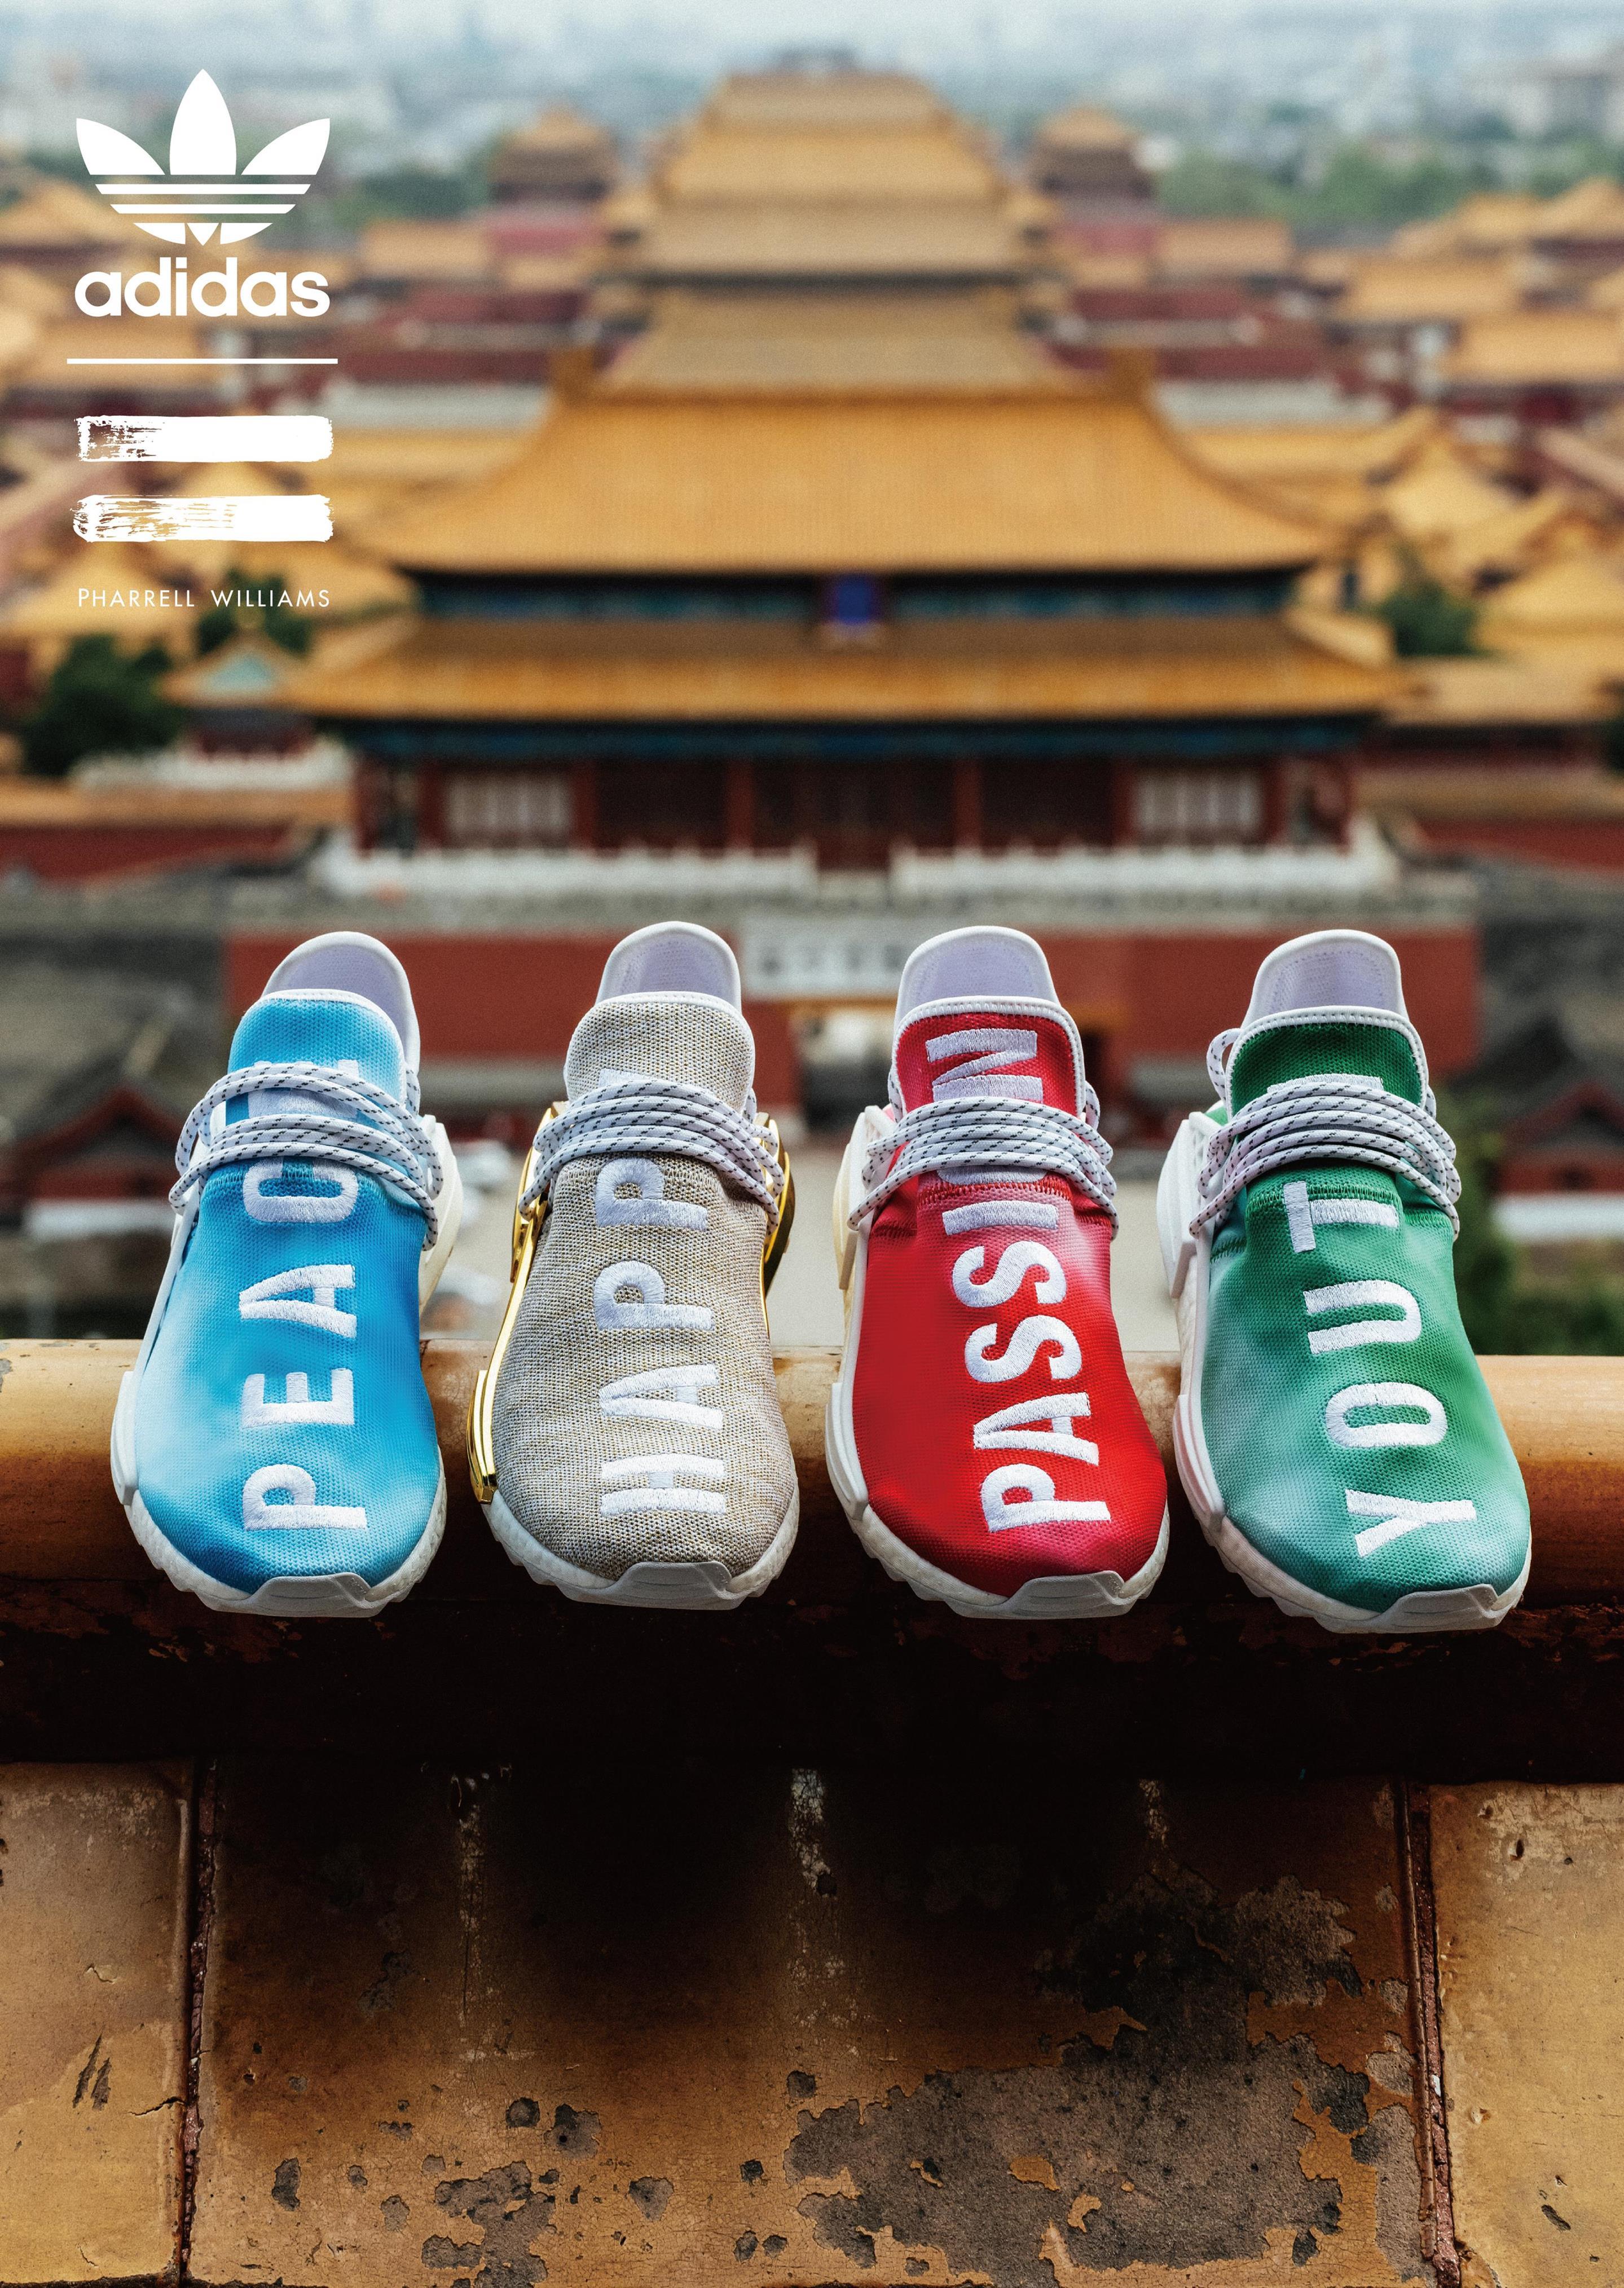 adidas Originals by Pharrell Williams Hu (5) (Copy) (Copy)